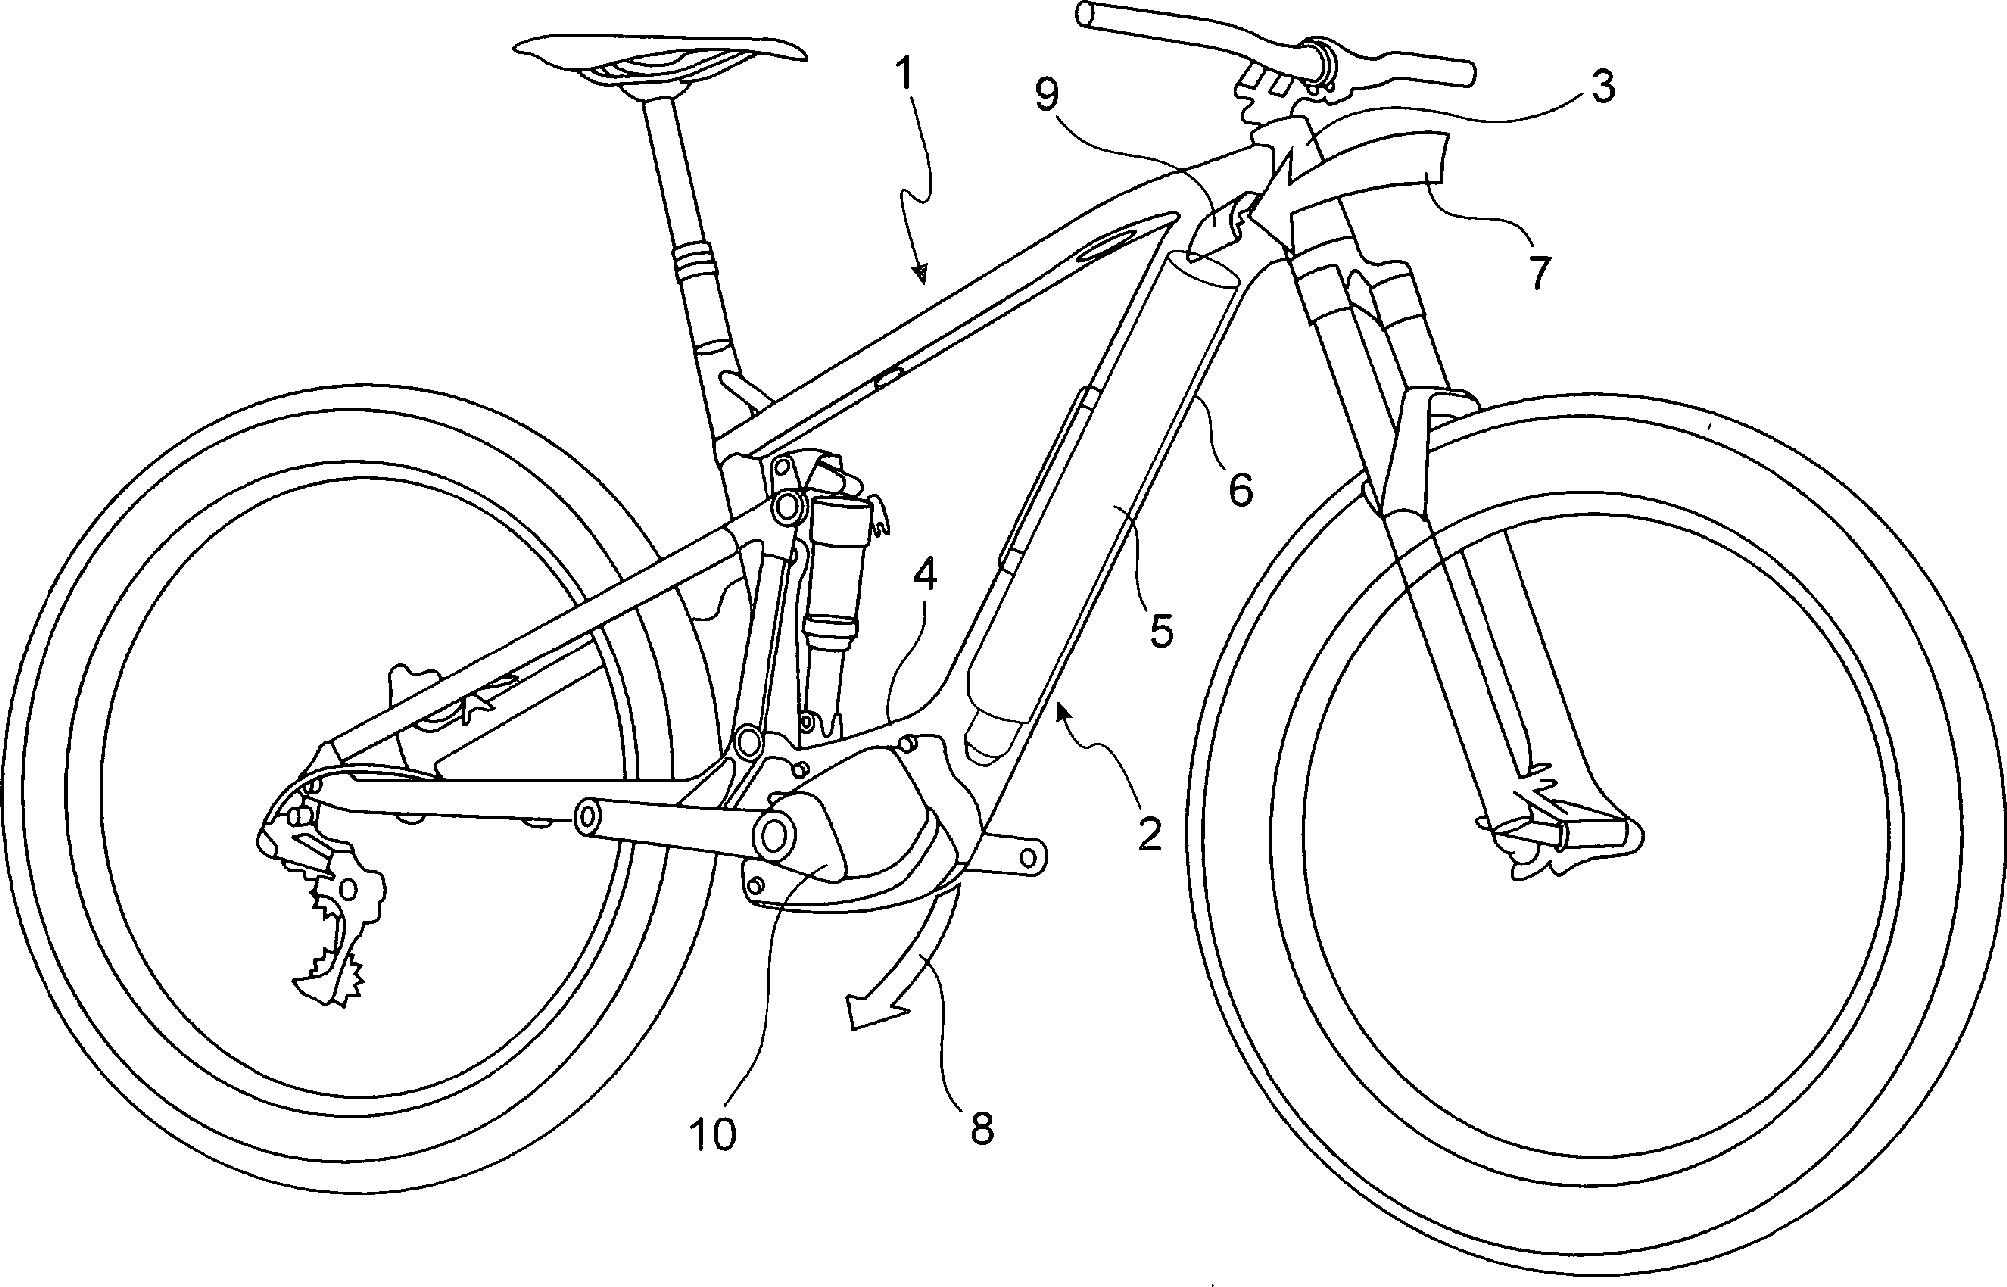 Figure DE202016002960U1_0001